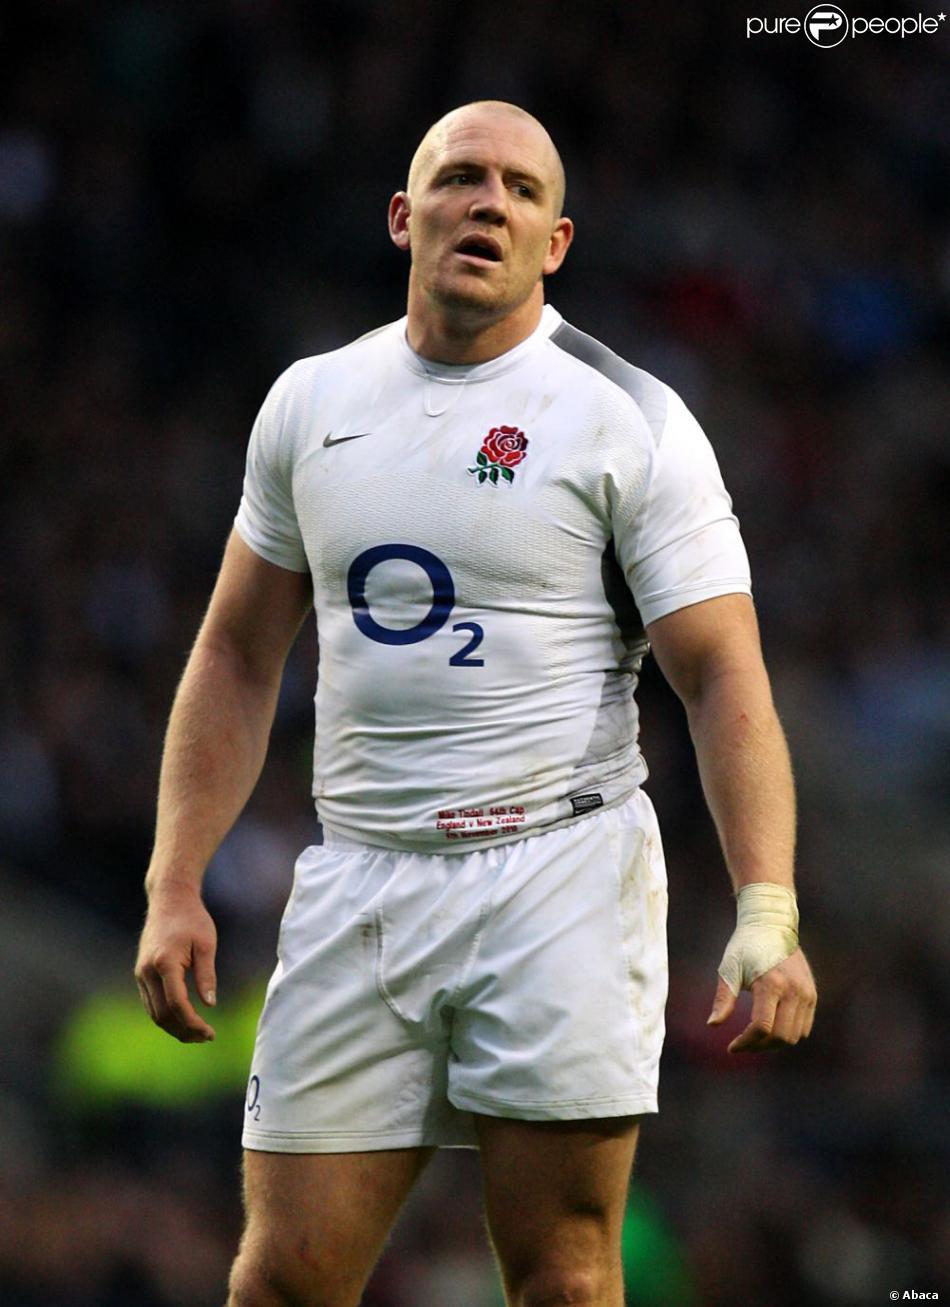 Mike tindall capitaine de l 39 angleterre durant la coupe du - Coupe du monde de rugby en angleterre ...